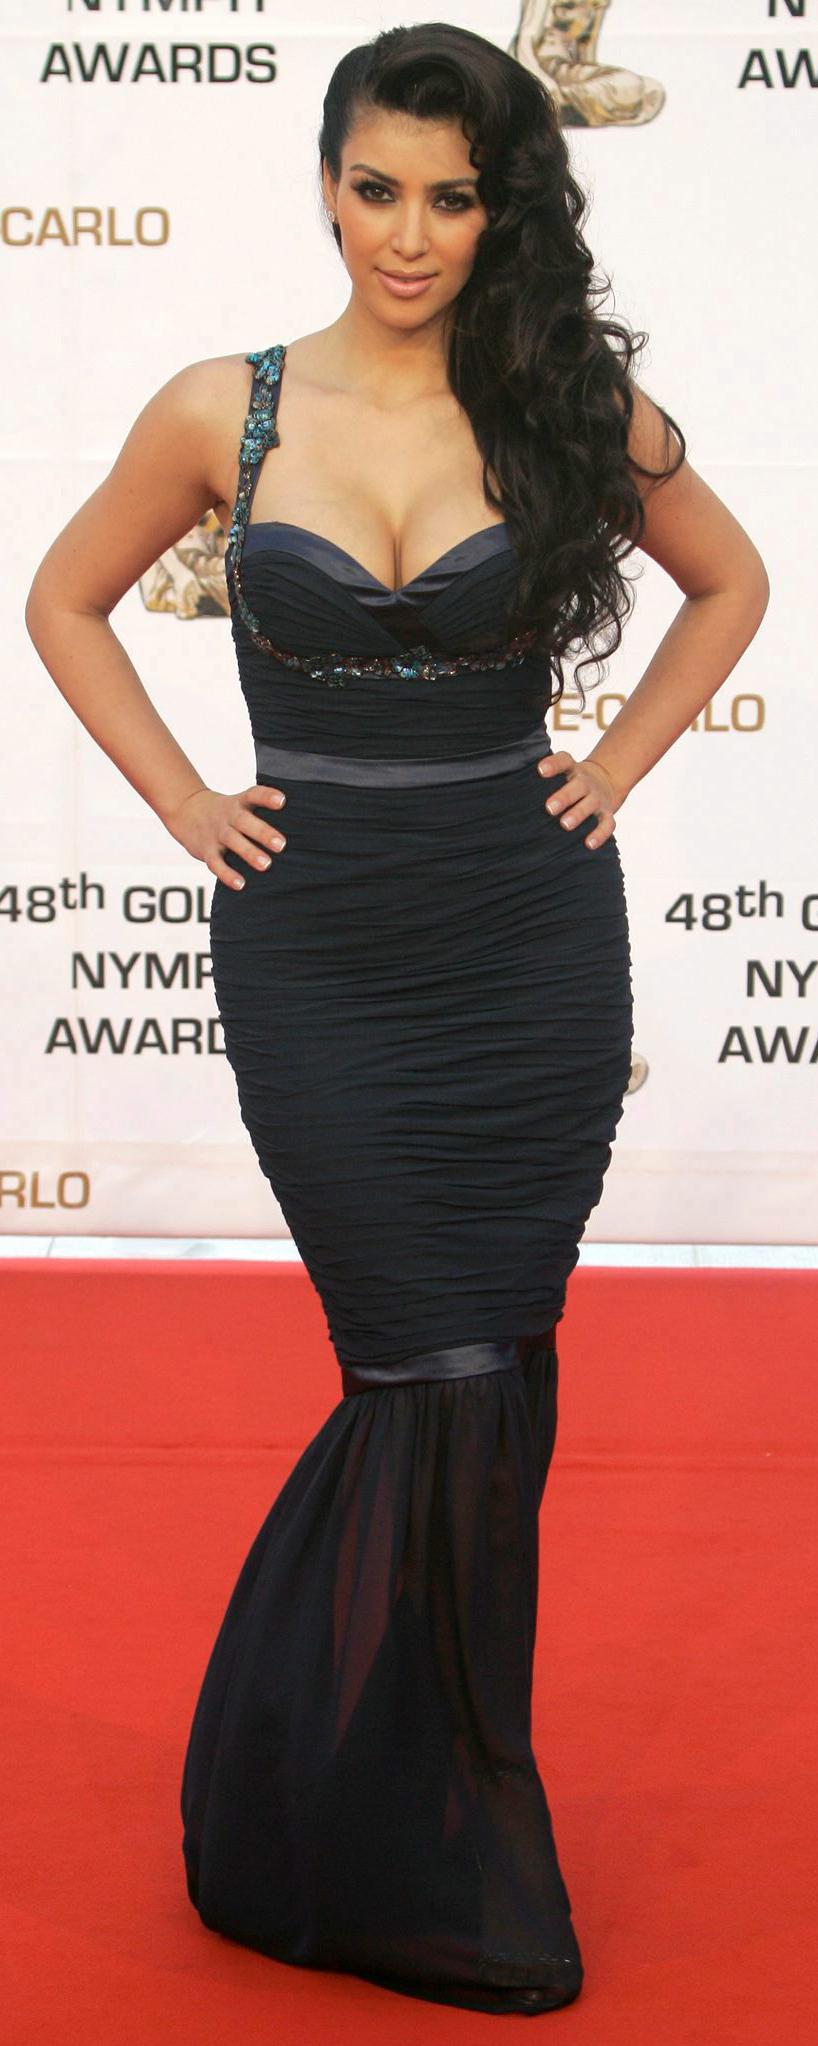 Celebrytka Kim Kardashian to ikona kobiecości. Z namiętnością odsłania krągłości i lubi robić wrażenie na mężczyznach